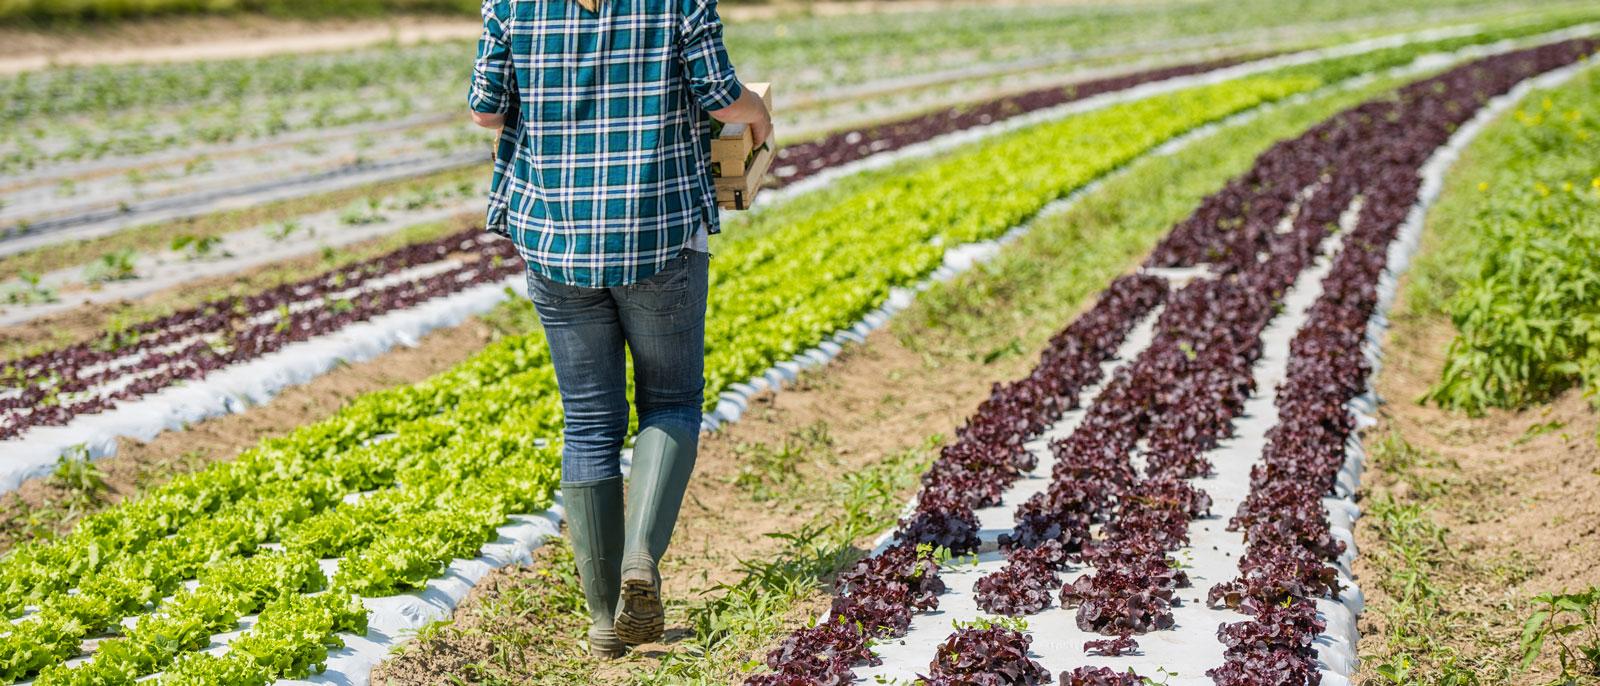 Finanziamenti per l'agricoltura 2018